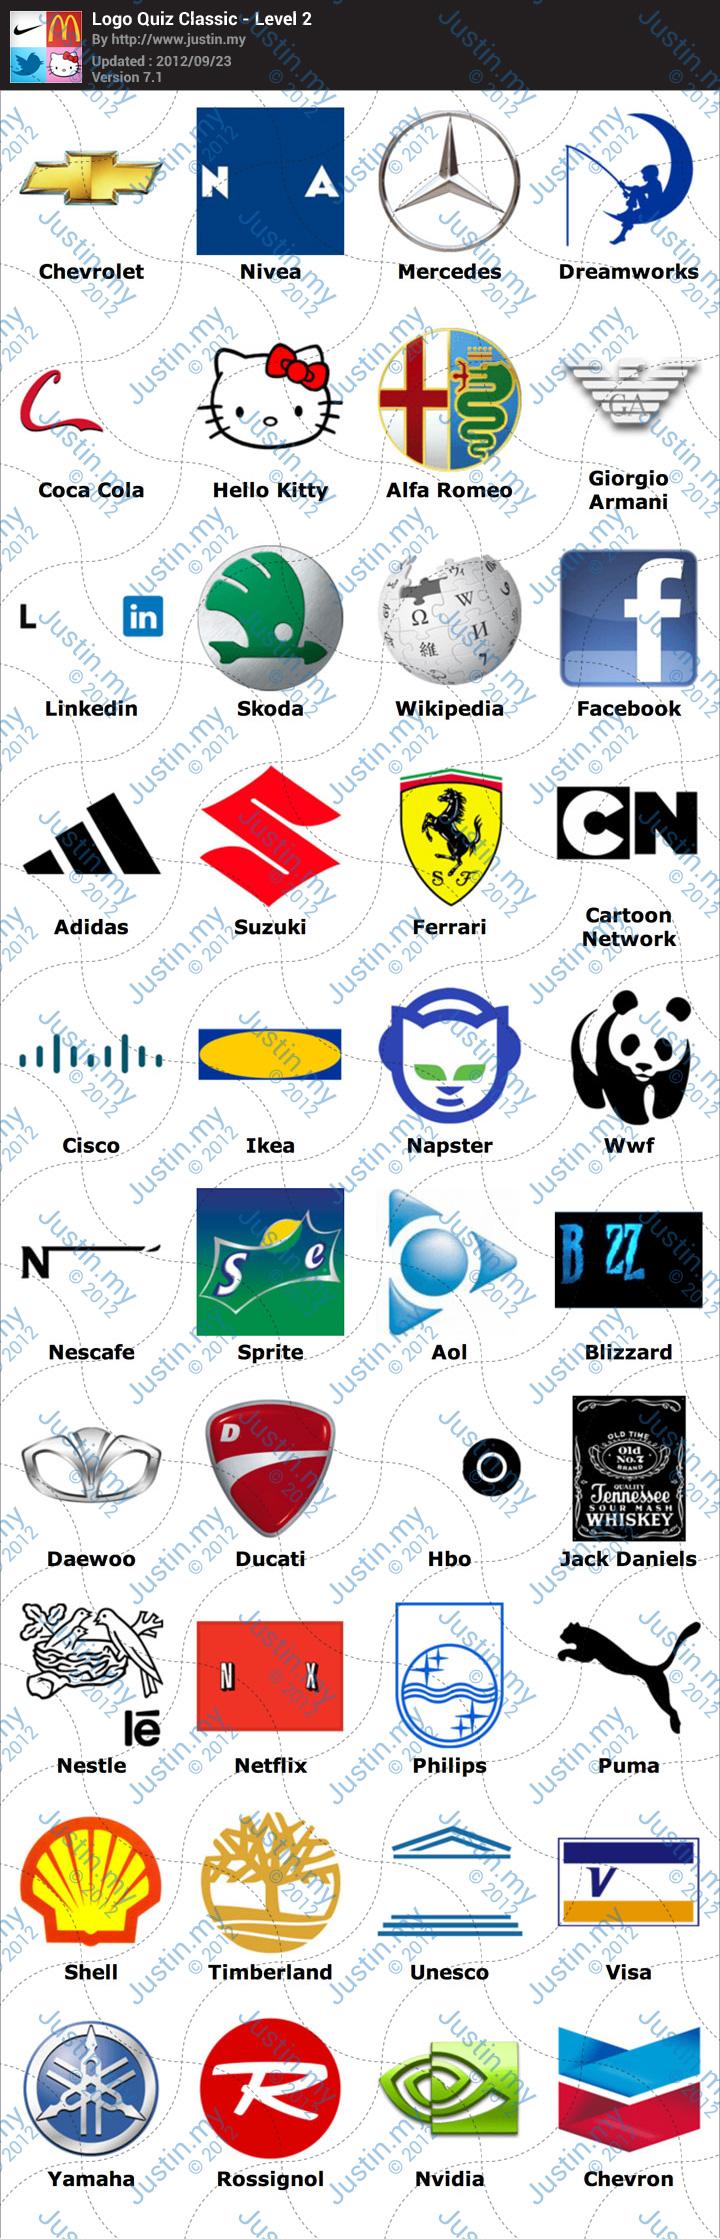 Logo-Quiz-Classic-Level-2